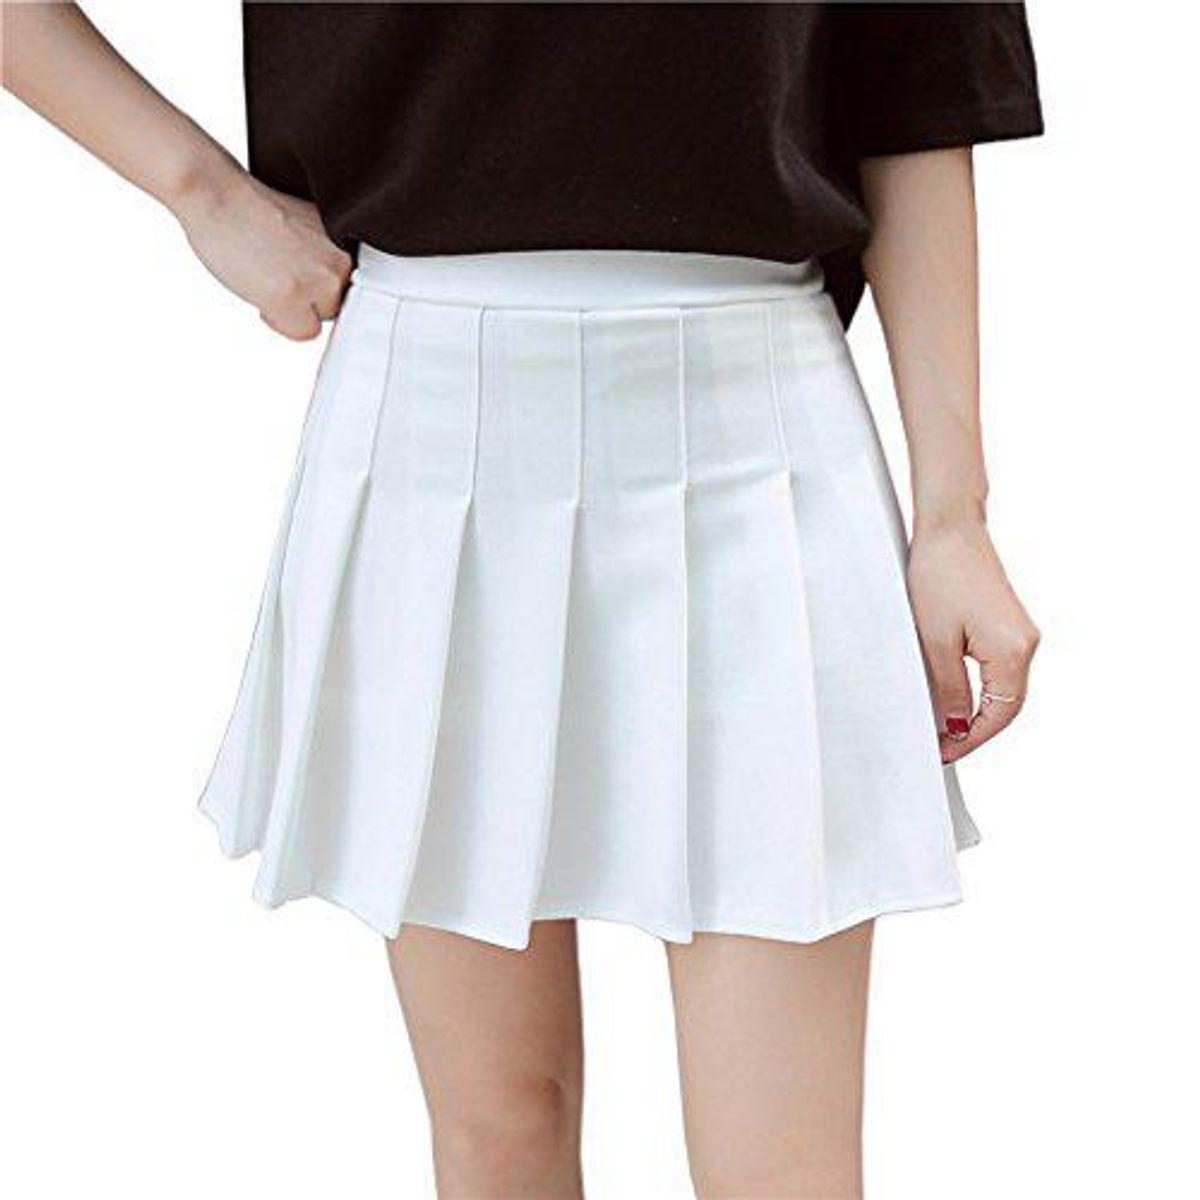 hoerev women girls short high waist pleated skater tennis skirt